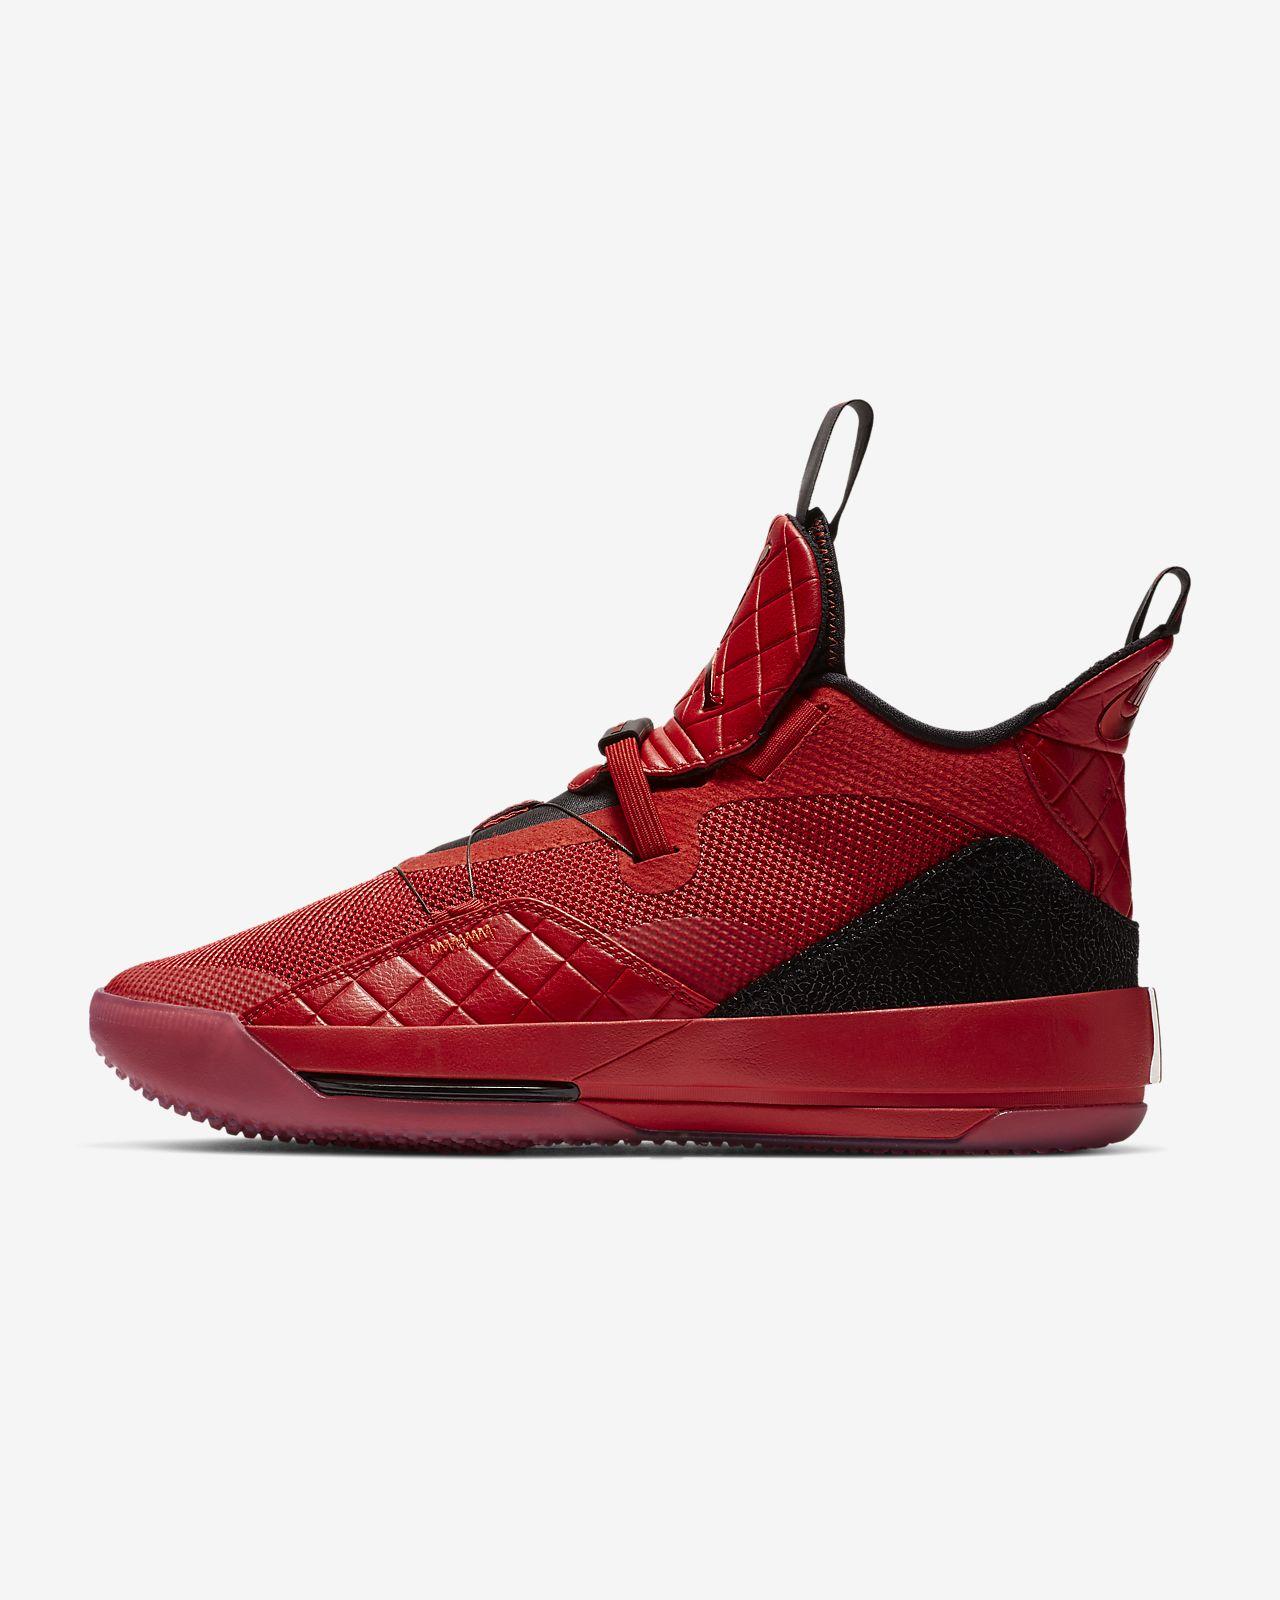 611a3f1646567 Low Resolution Air Jordan XXXIII Zapatillas de baloncesto - Hombre Air  Jordan XXXIII Zapatillas de baloncesto - Hombre